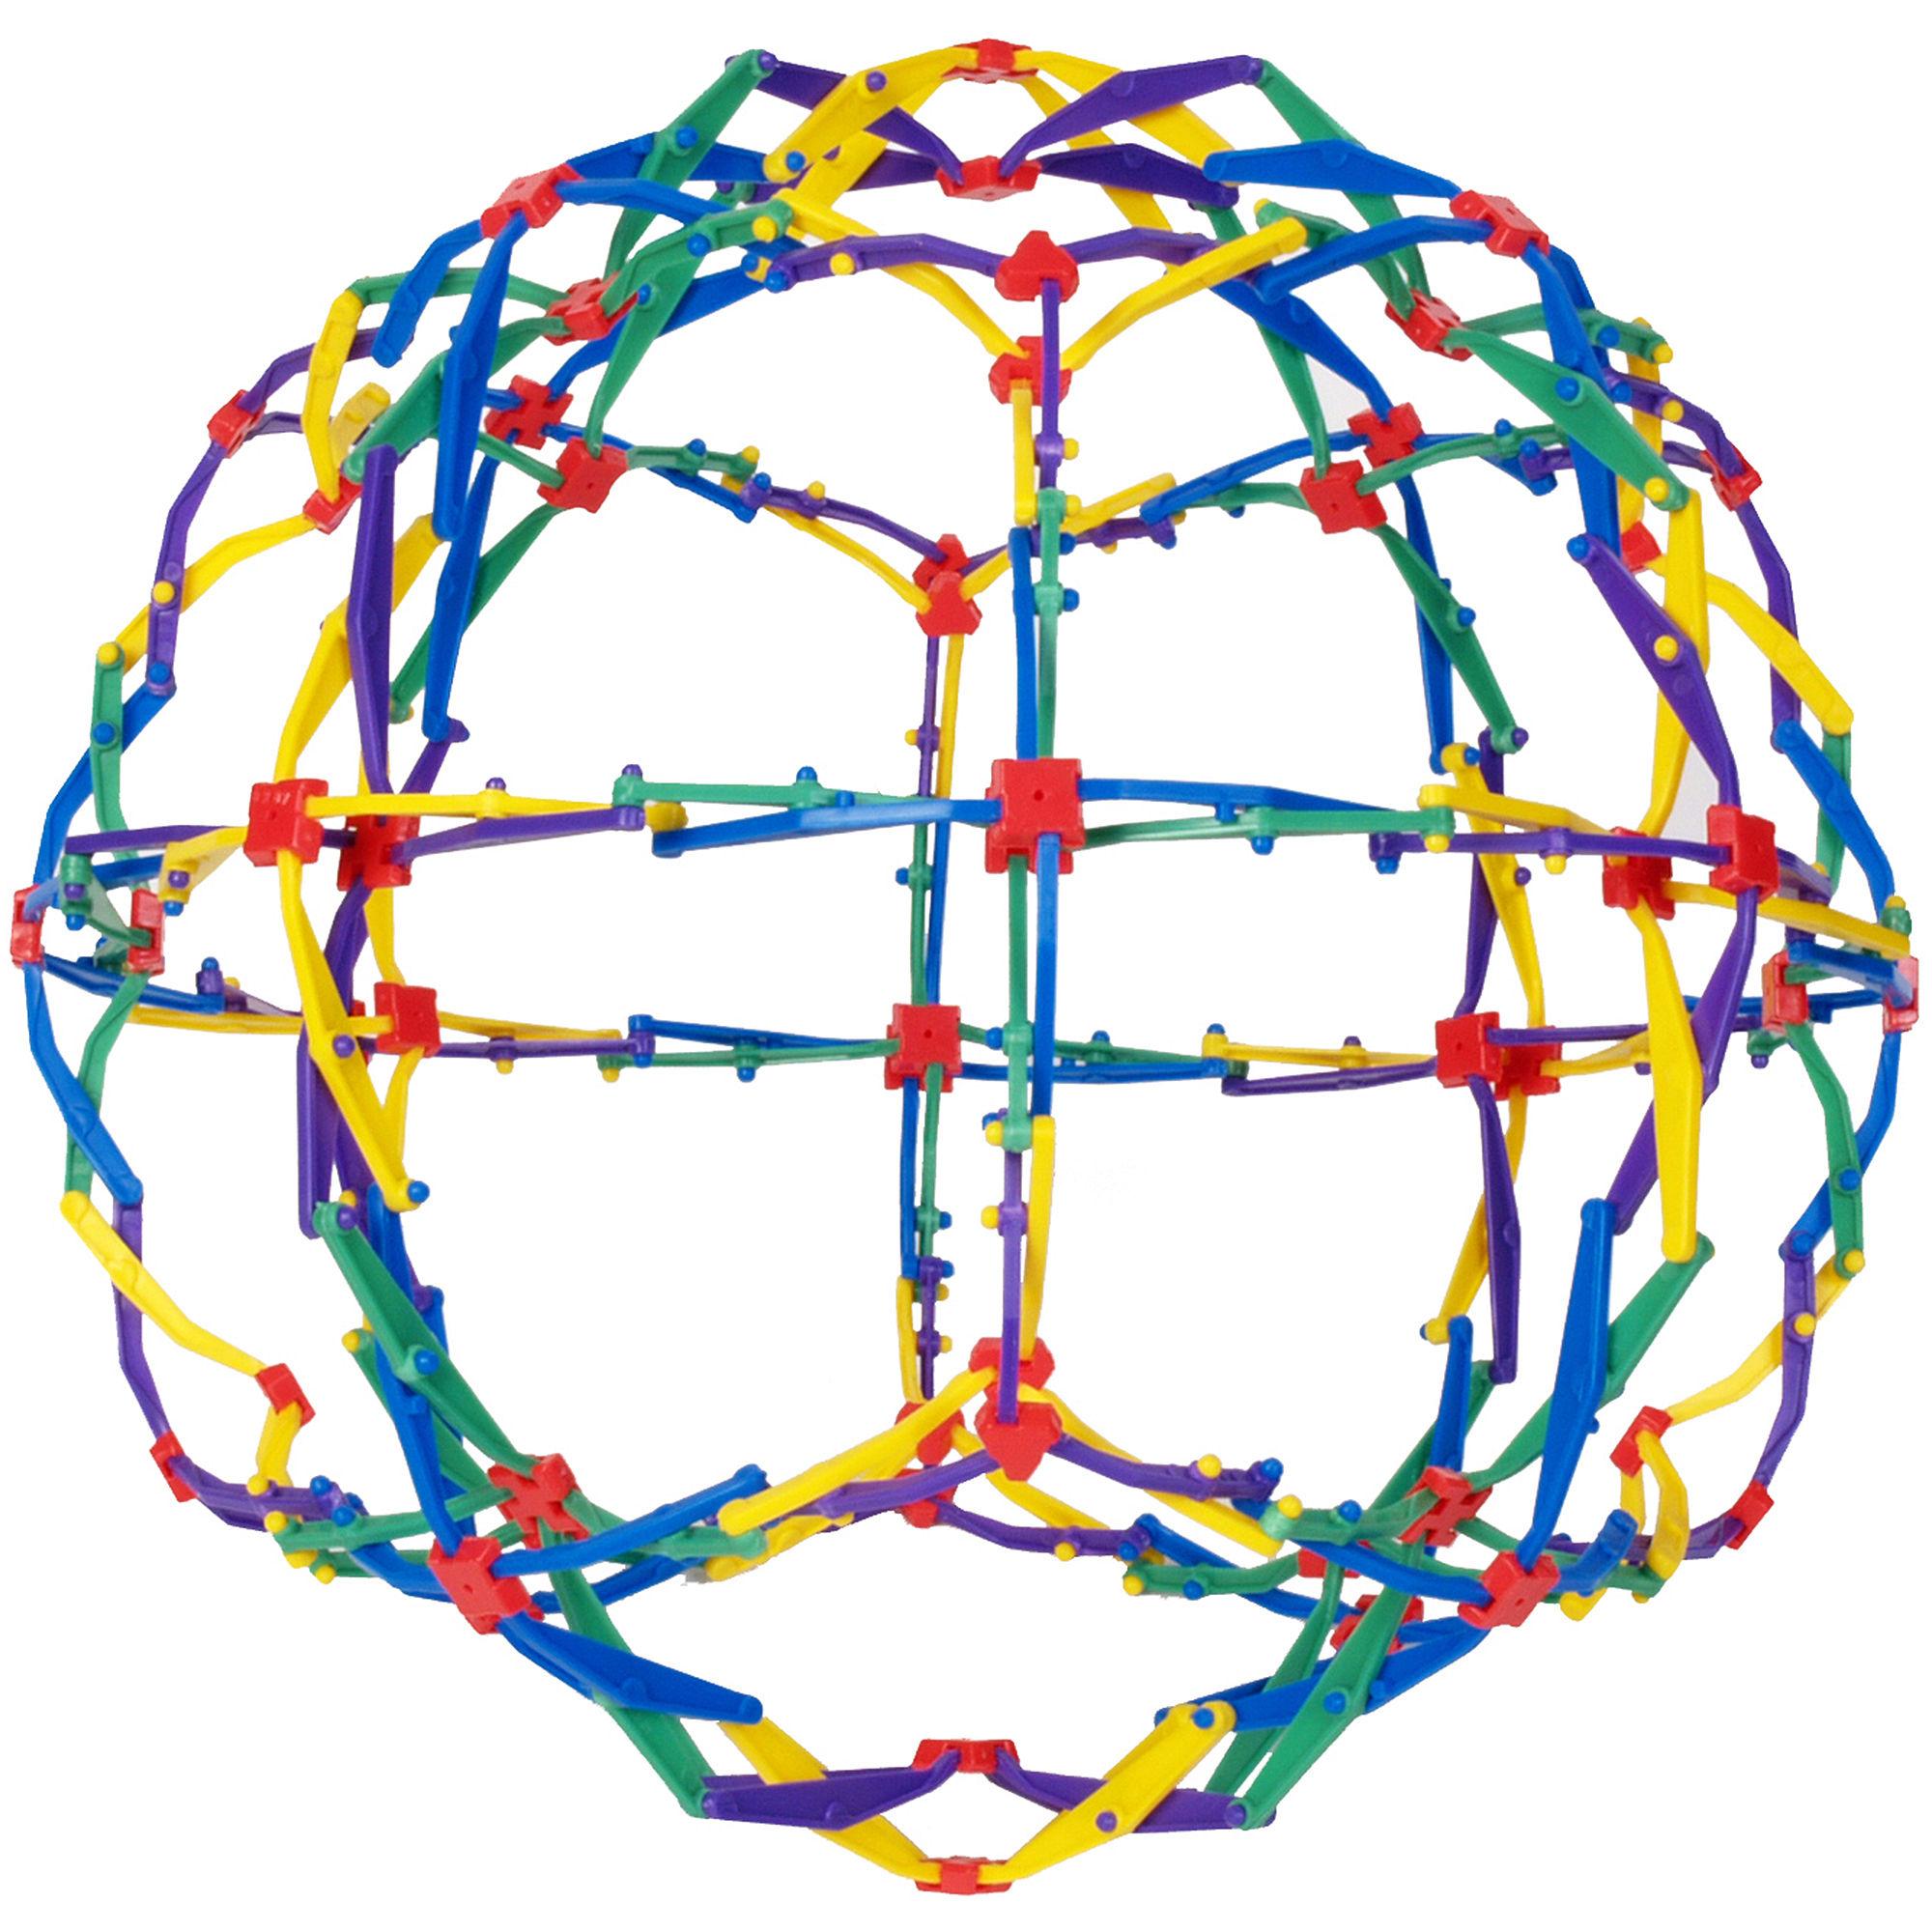 hoberman mini sphere from jcpenney